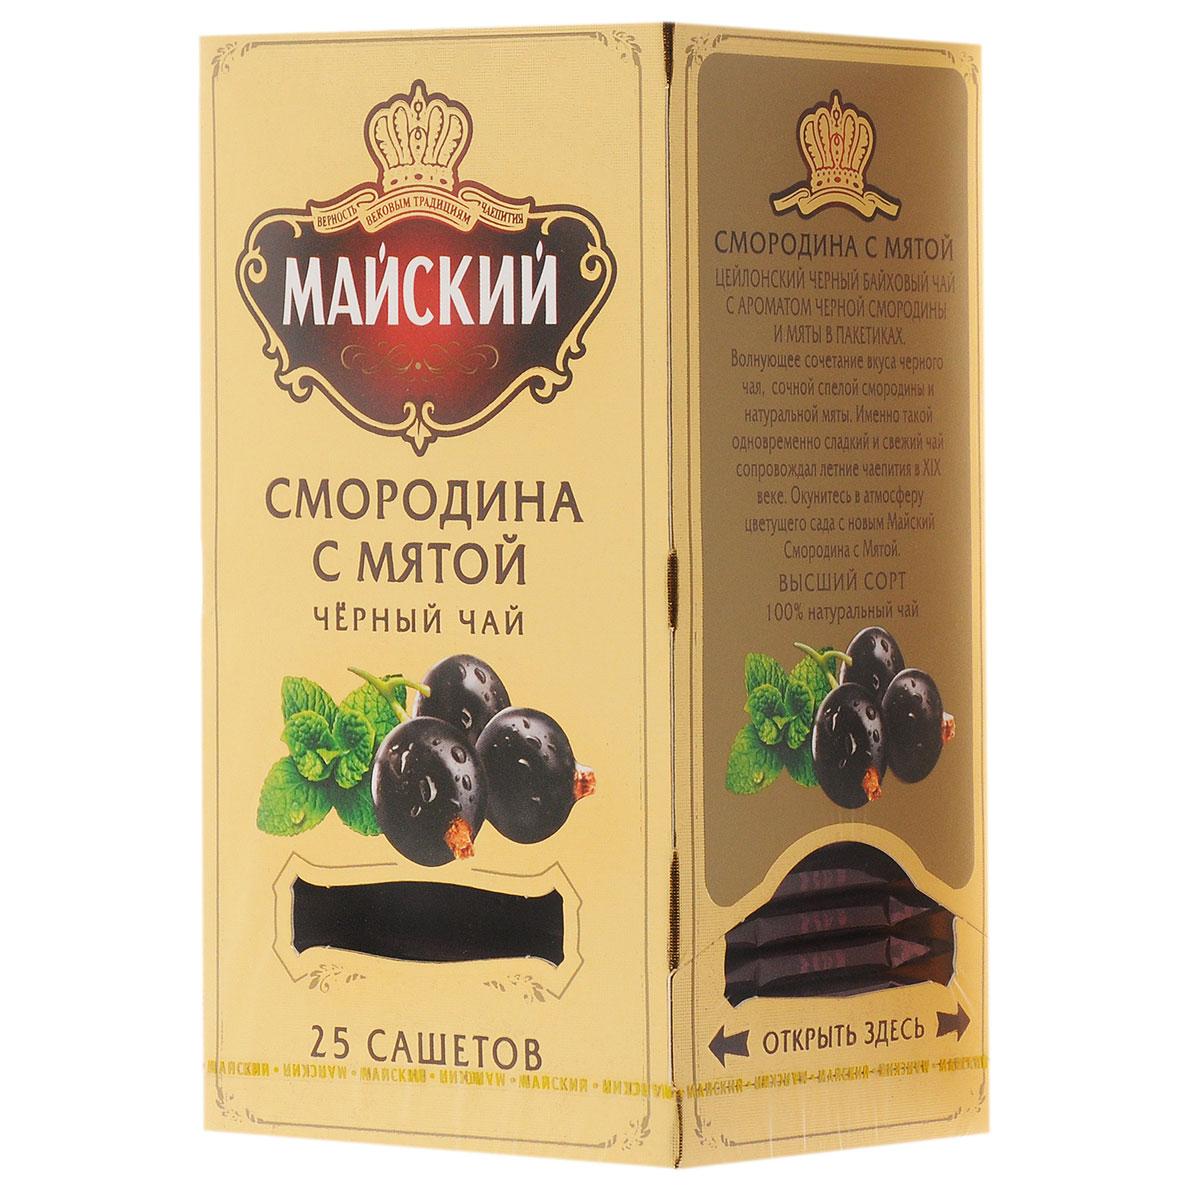 Майский Смородина с мятой черный ароматизированный чай в пакетиках, 25 шт майский клубника черный ароматизированный чай в пакетиках 25 шт